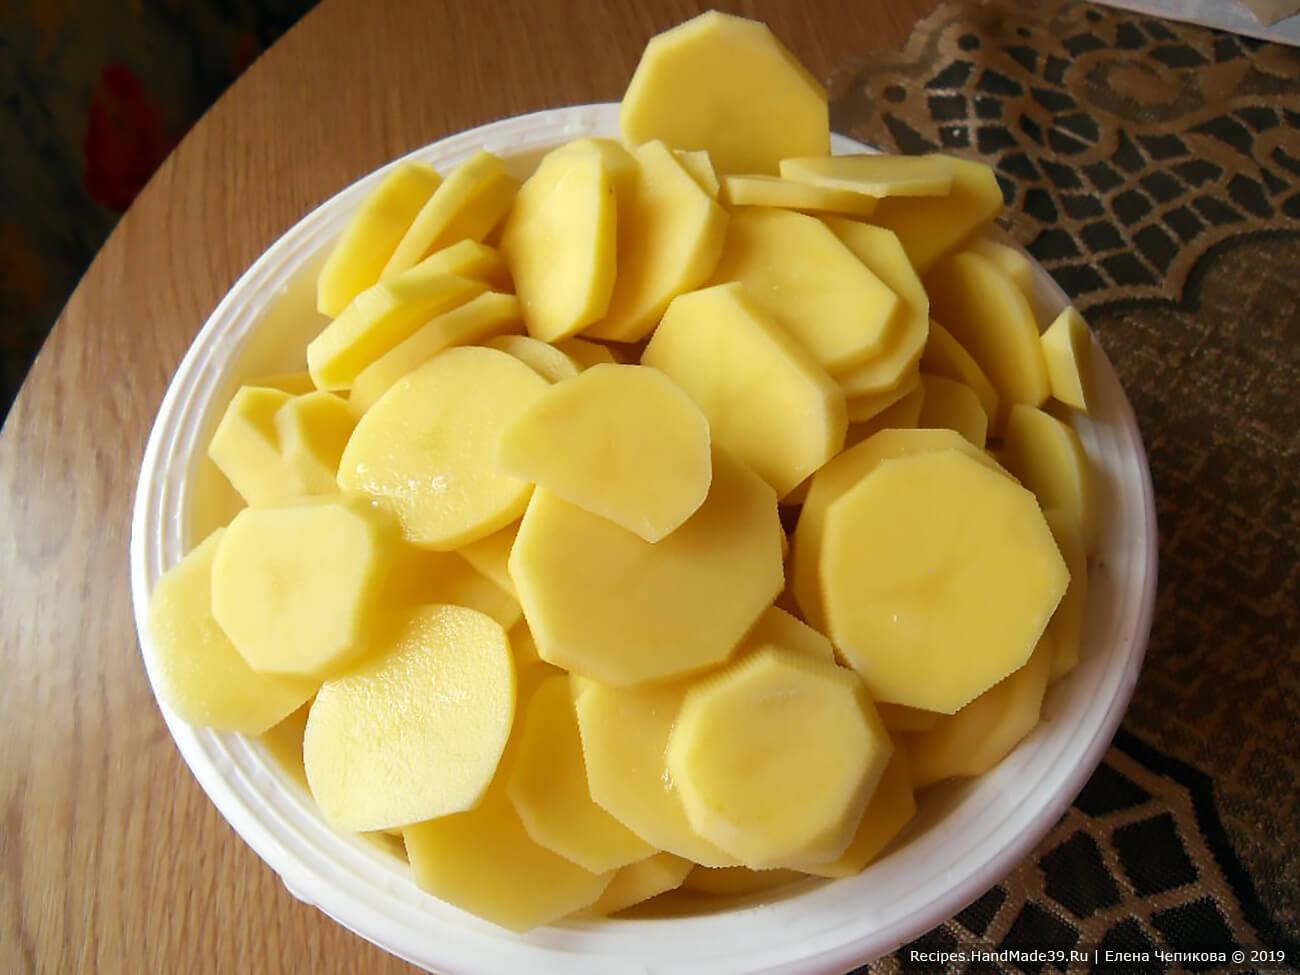 Картофель вымыть, очистить, нарезать тонкими кружочками. Если картофель молодой, его можно нарезать с кожурой, предварительно тщательно вымыв